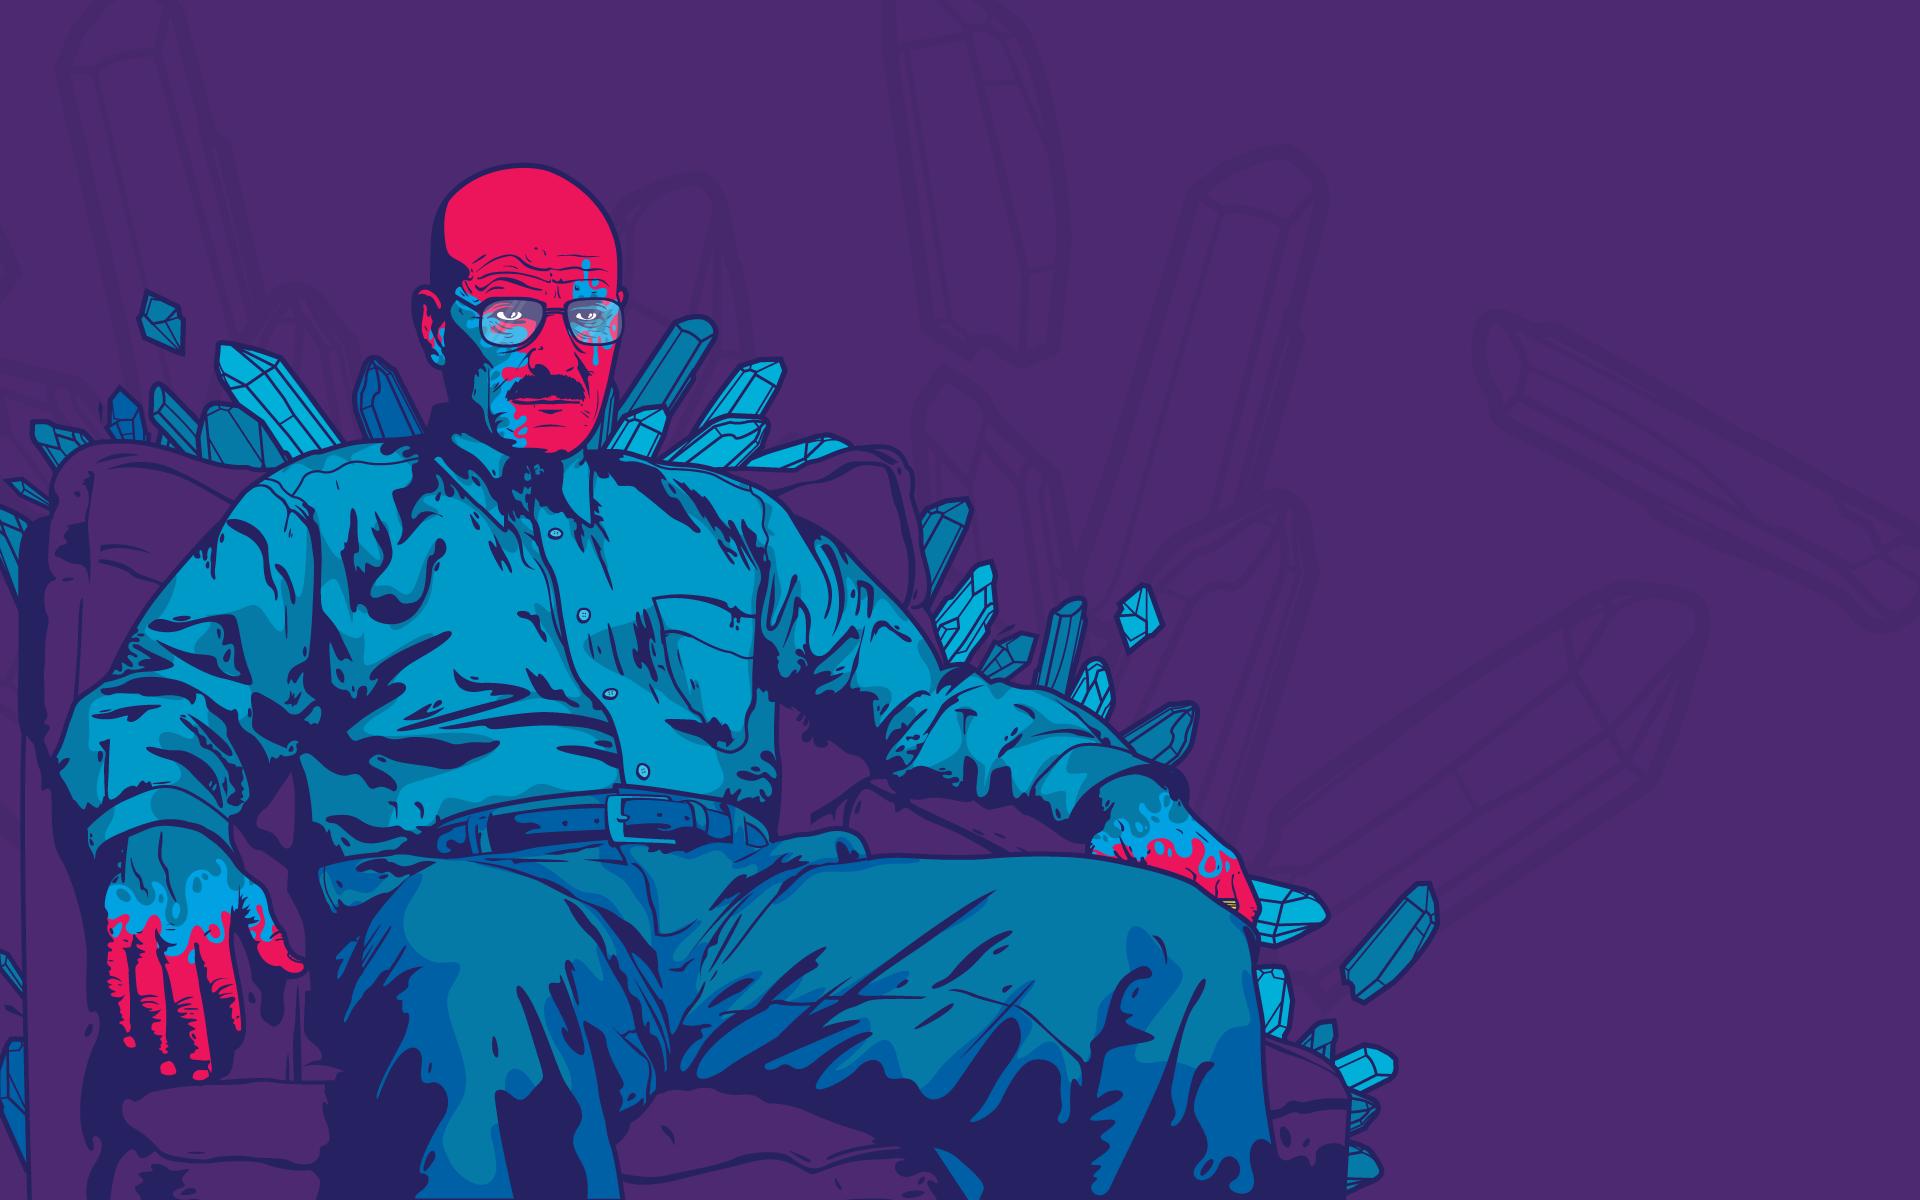 Los Mejores Wallpapers De Breaking Bad Bad Fan Art Breaking Bad Art Breaking Bad